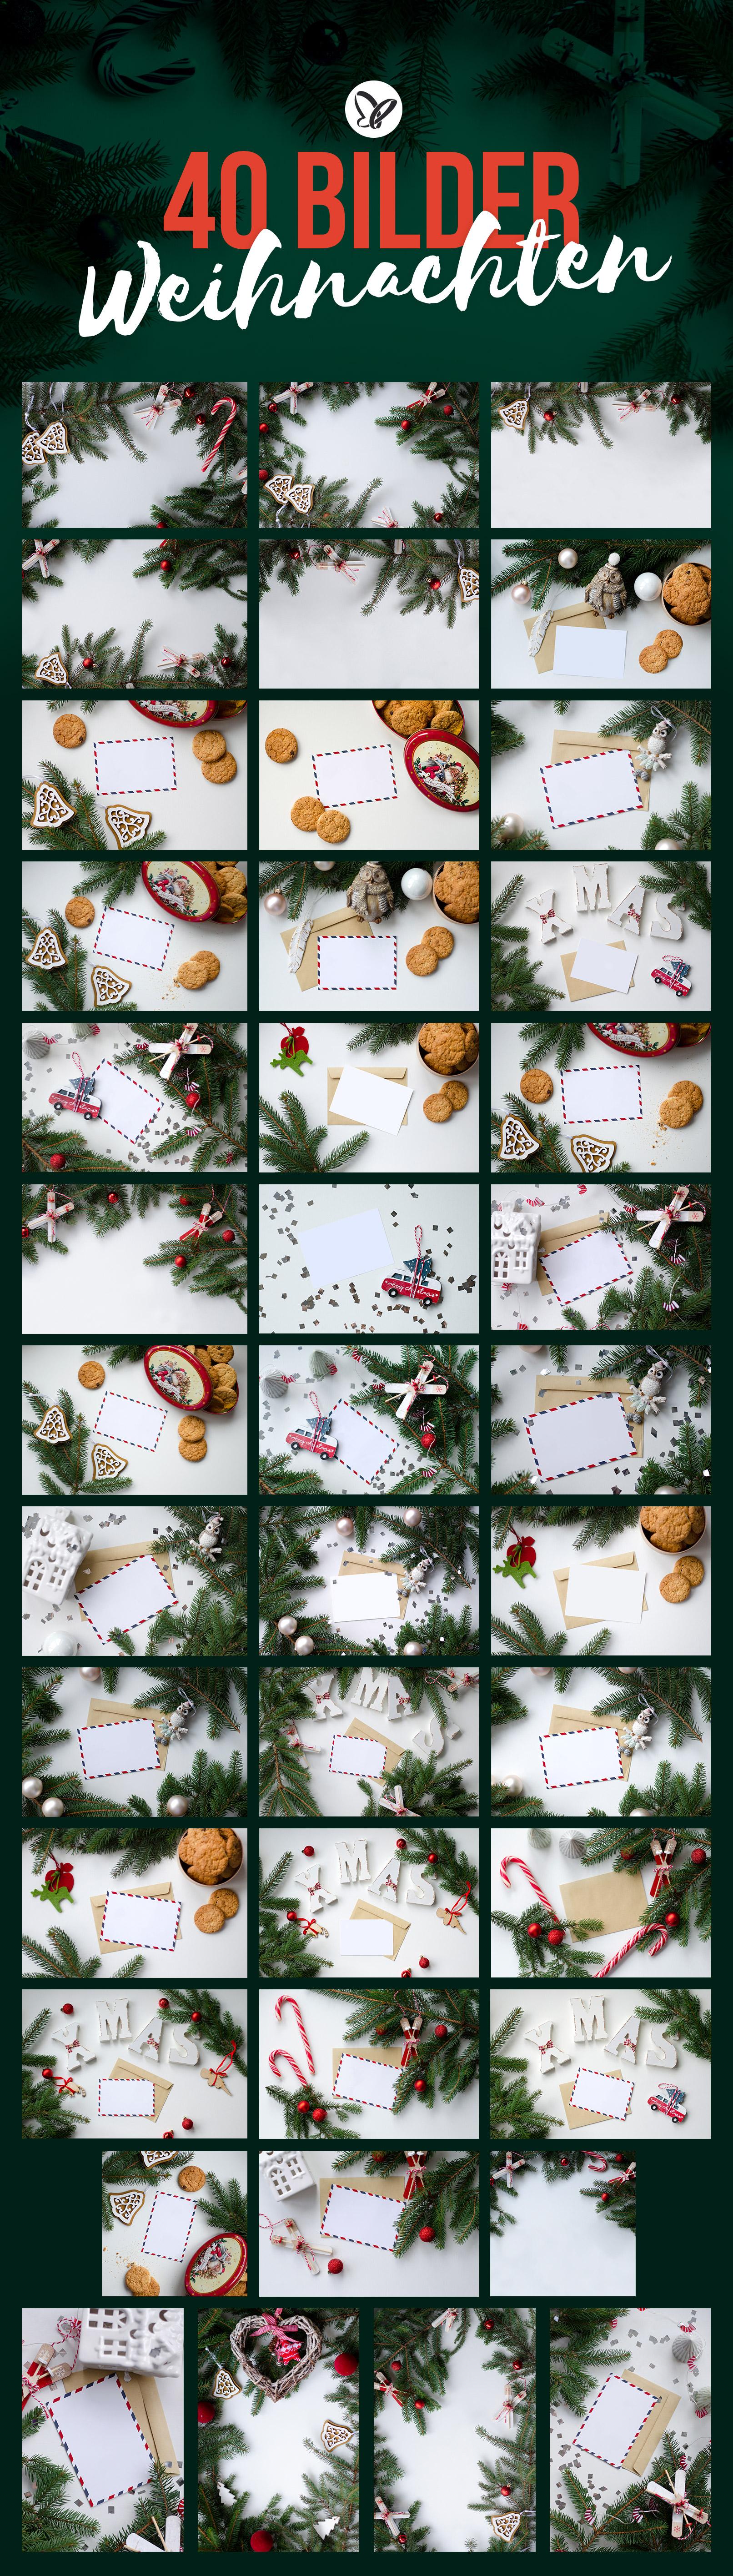 40 weihnachtliche Hintergründe mit Tannenzweigen, Zuckerstangen, Postkarten und mehr